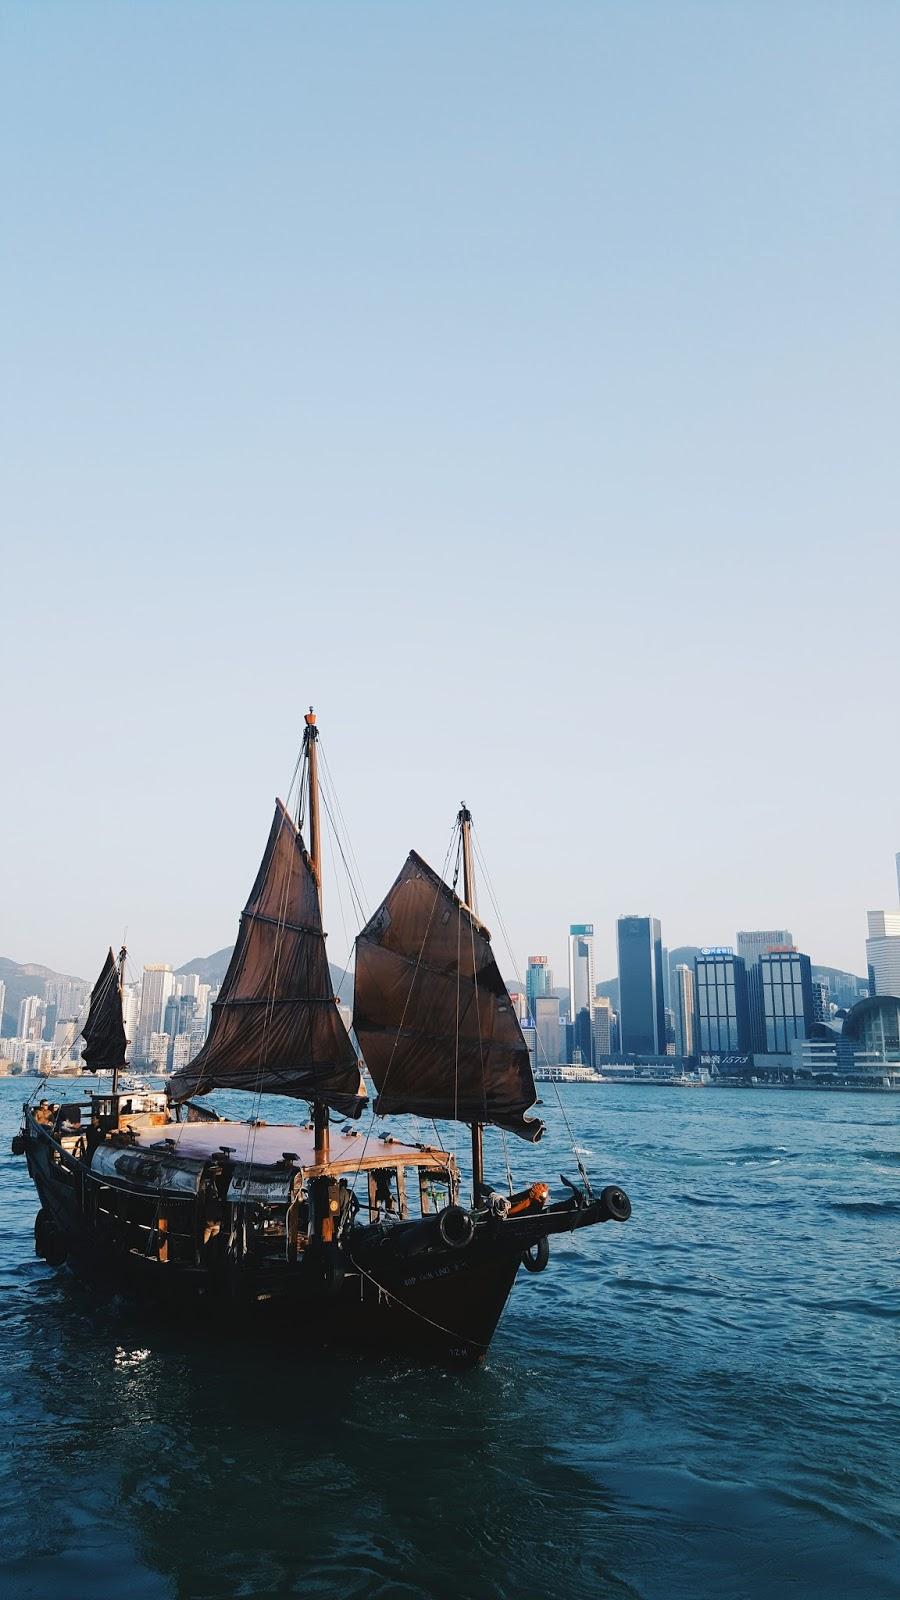 Chinese, Hong Kong, Tsim Sha Tsui, Water, Chinese Boats, Travel, Discover Hong Kong, Junk Boat,